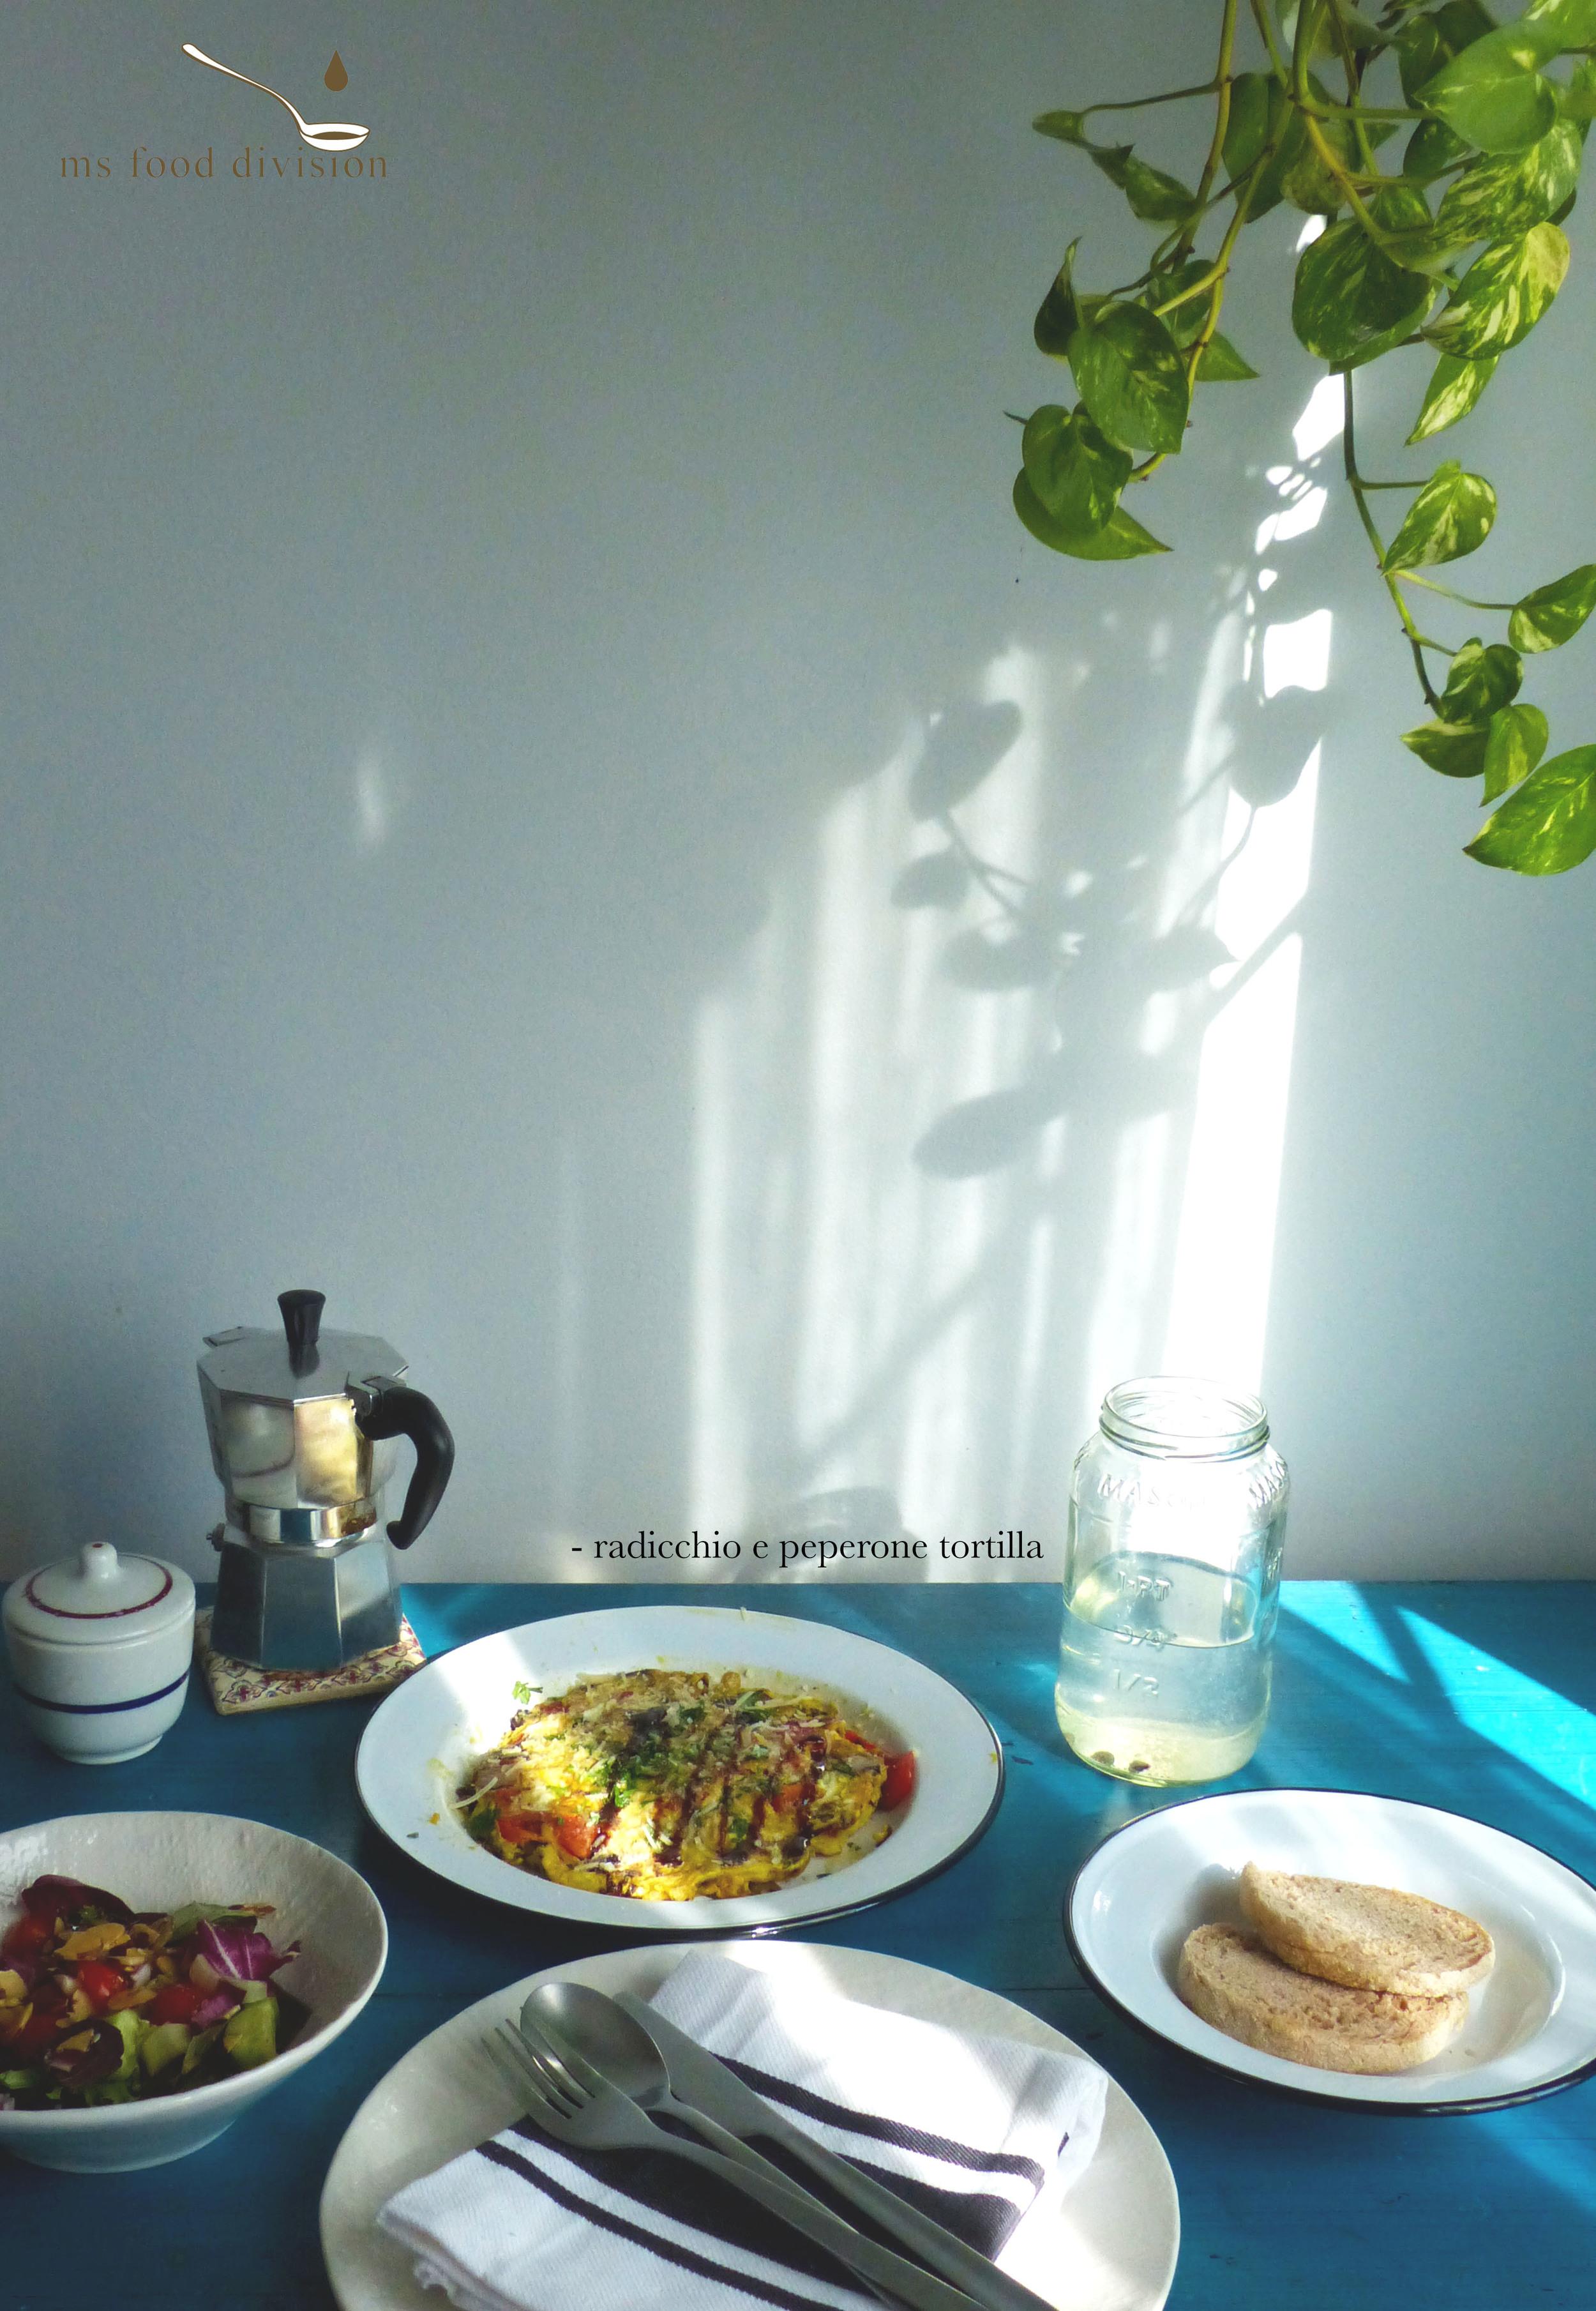 radicchio e peperone tortilla